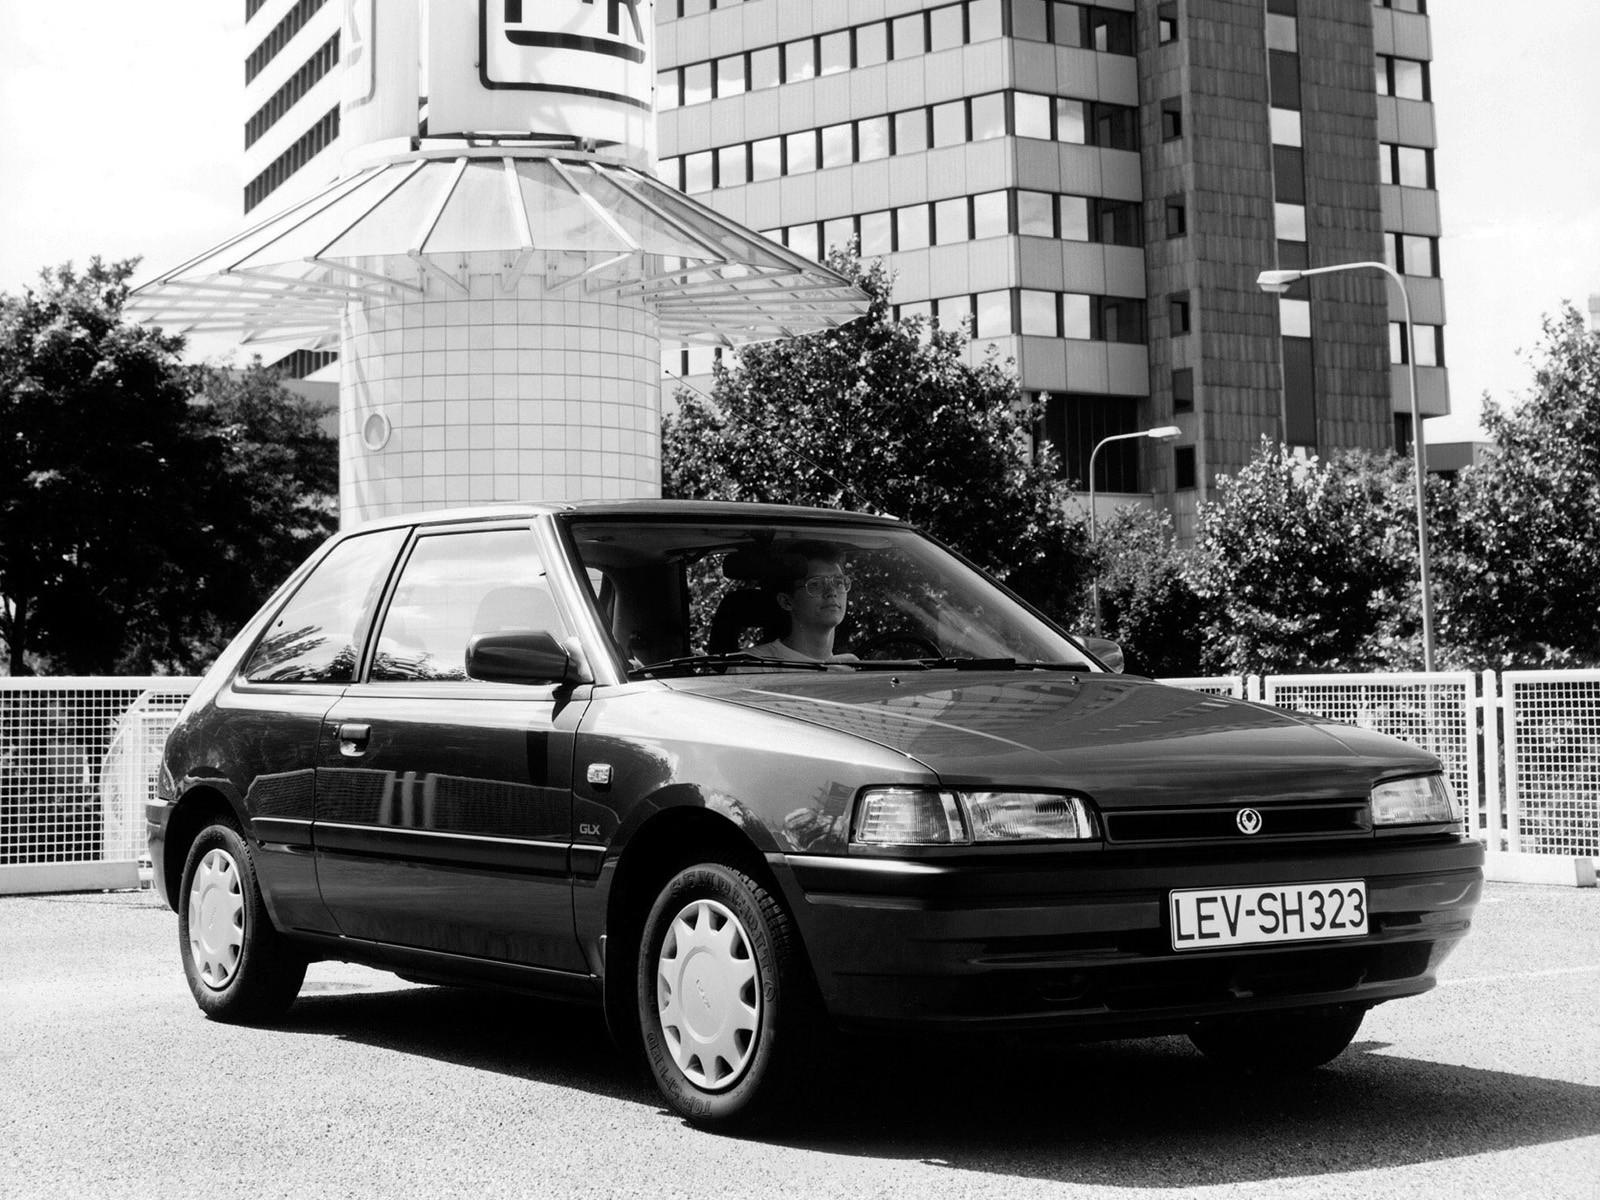 Mazda Bg Hatchback